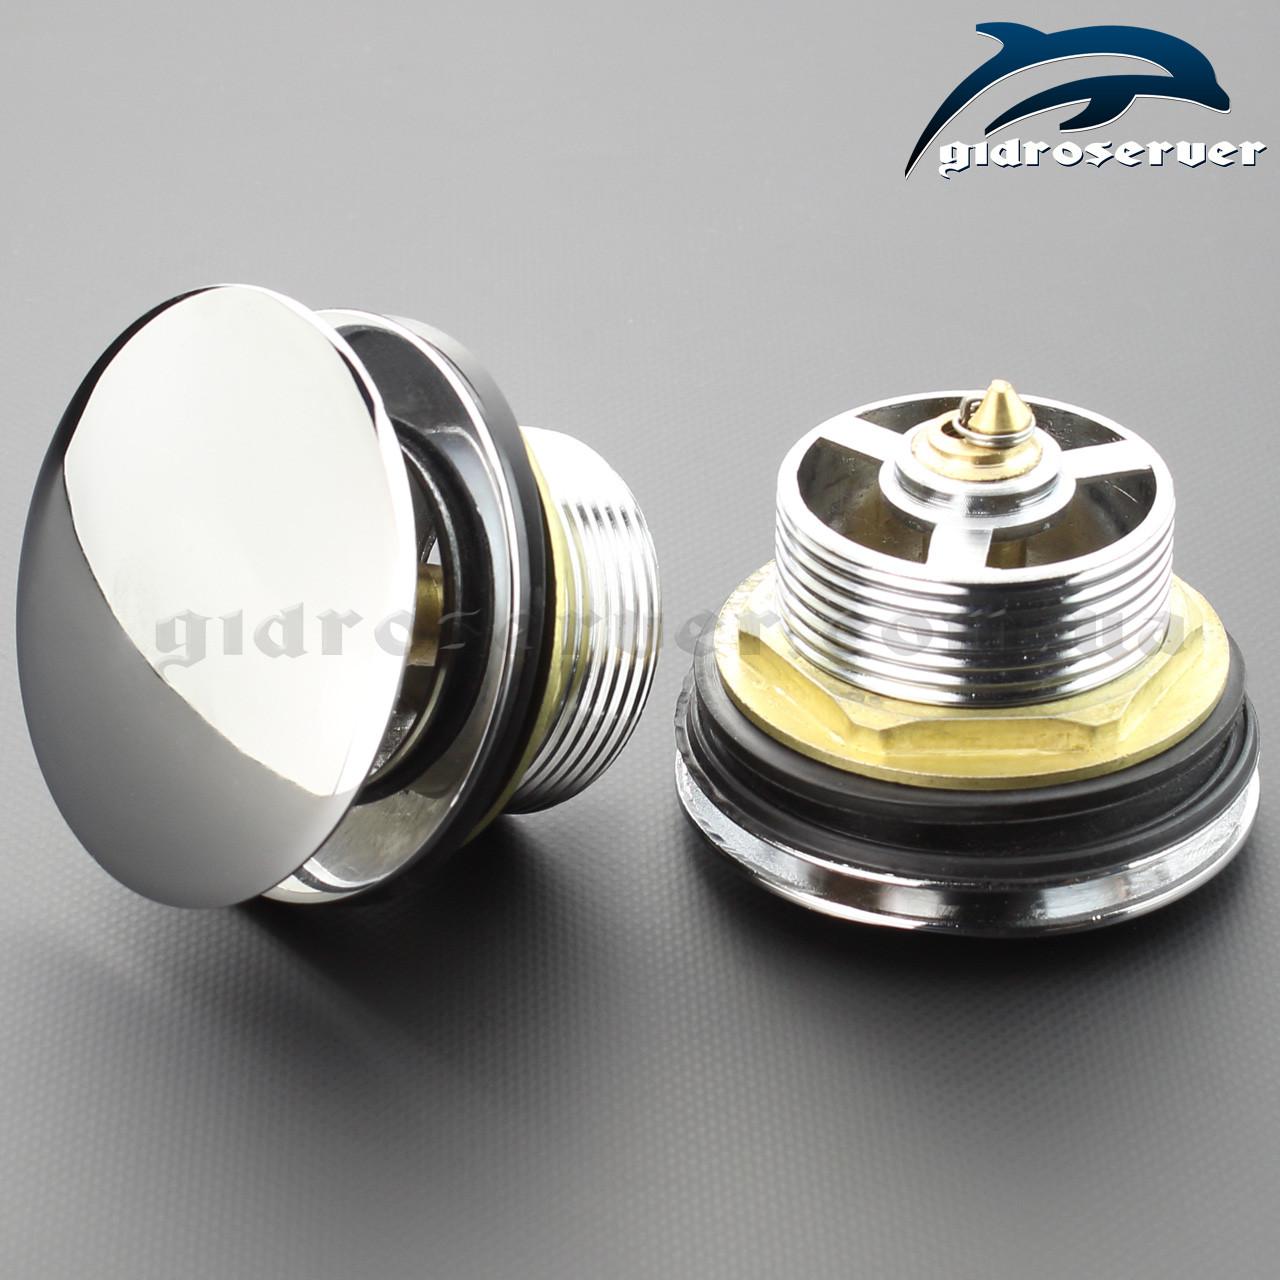 Донный клапан для поддона душевой кабины, гидромассажного бокса DK - 02 улучшенный.